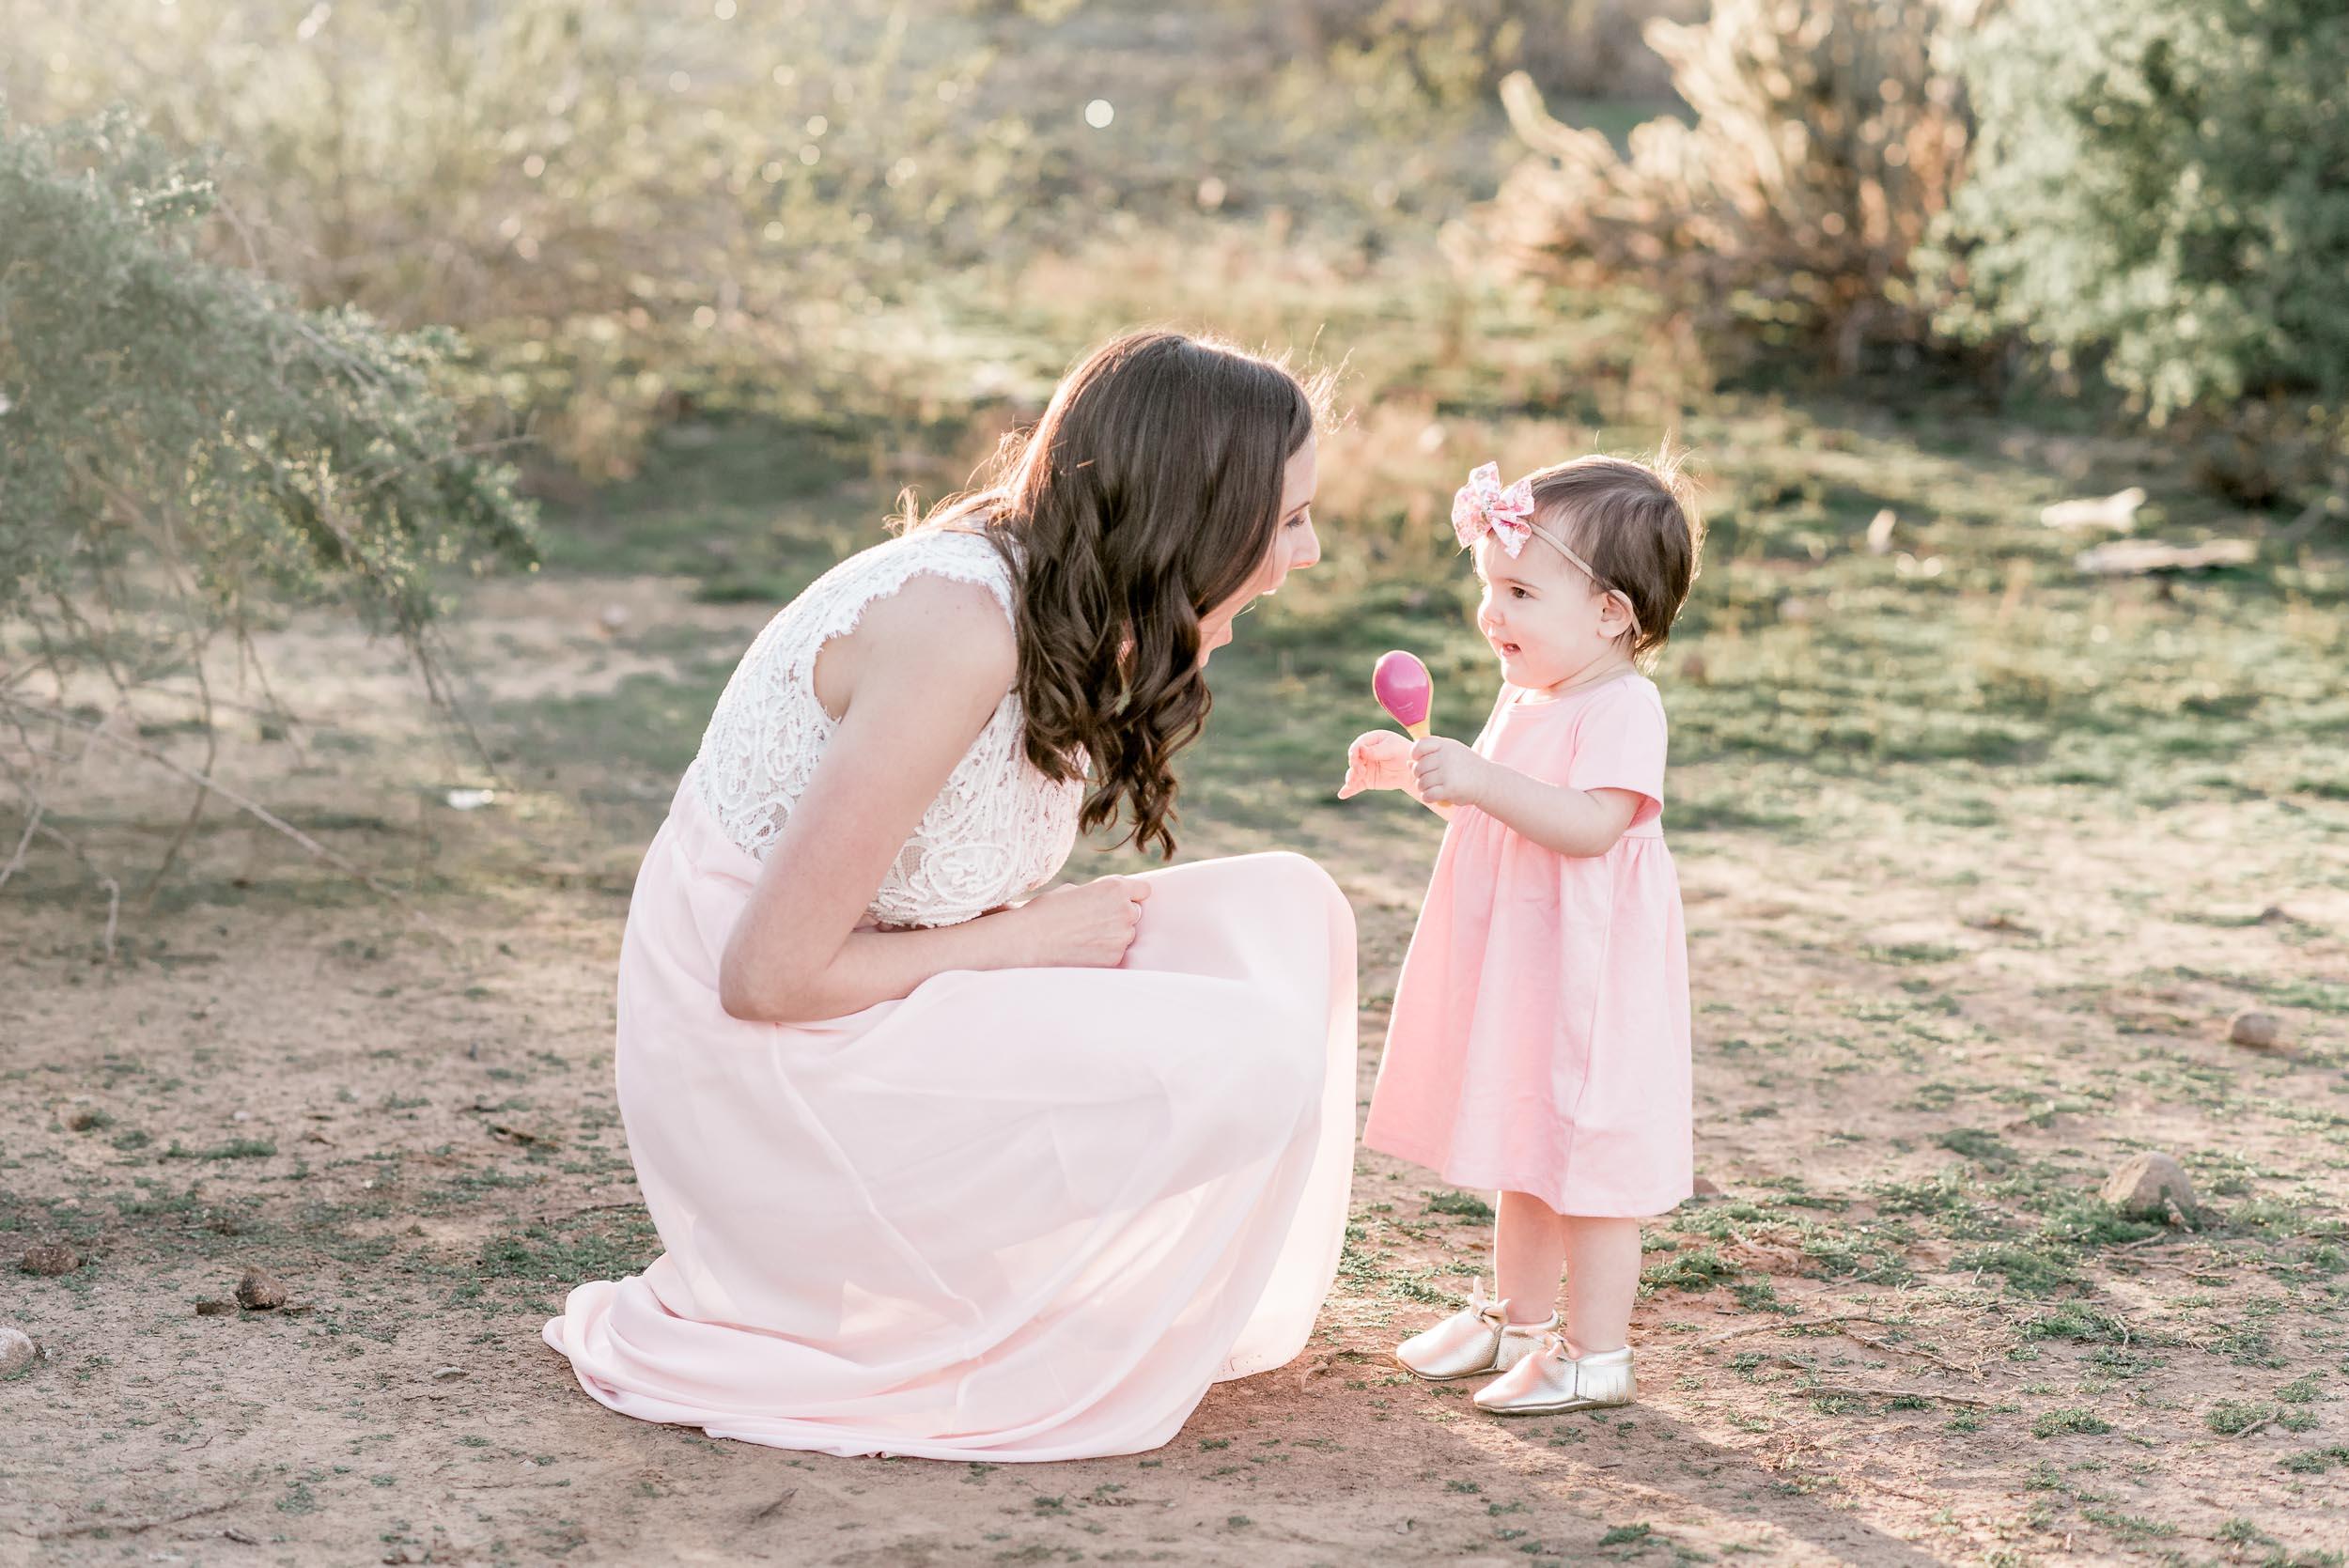 RachaelLaynePhotography_AZfamilyphotographer02.jpg